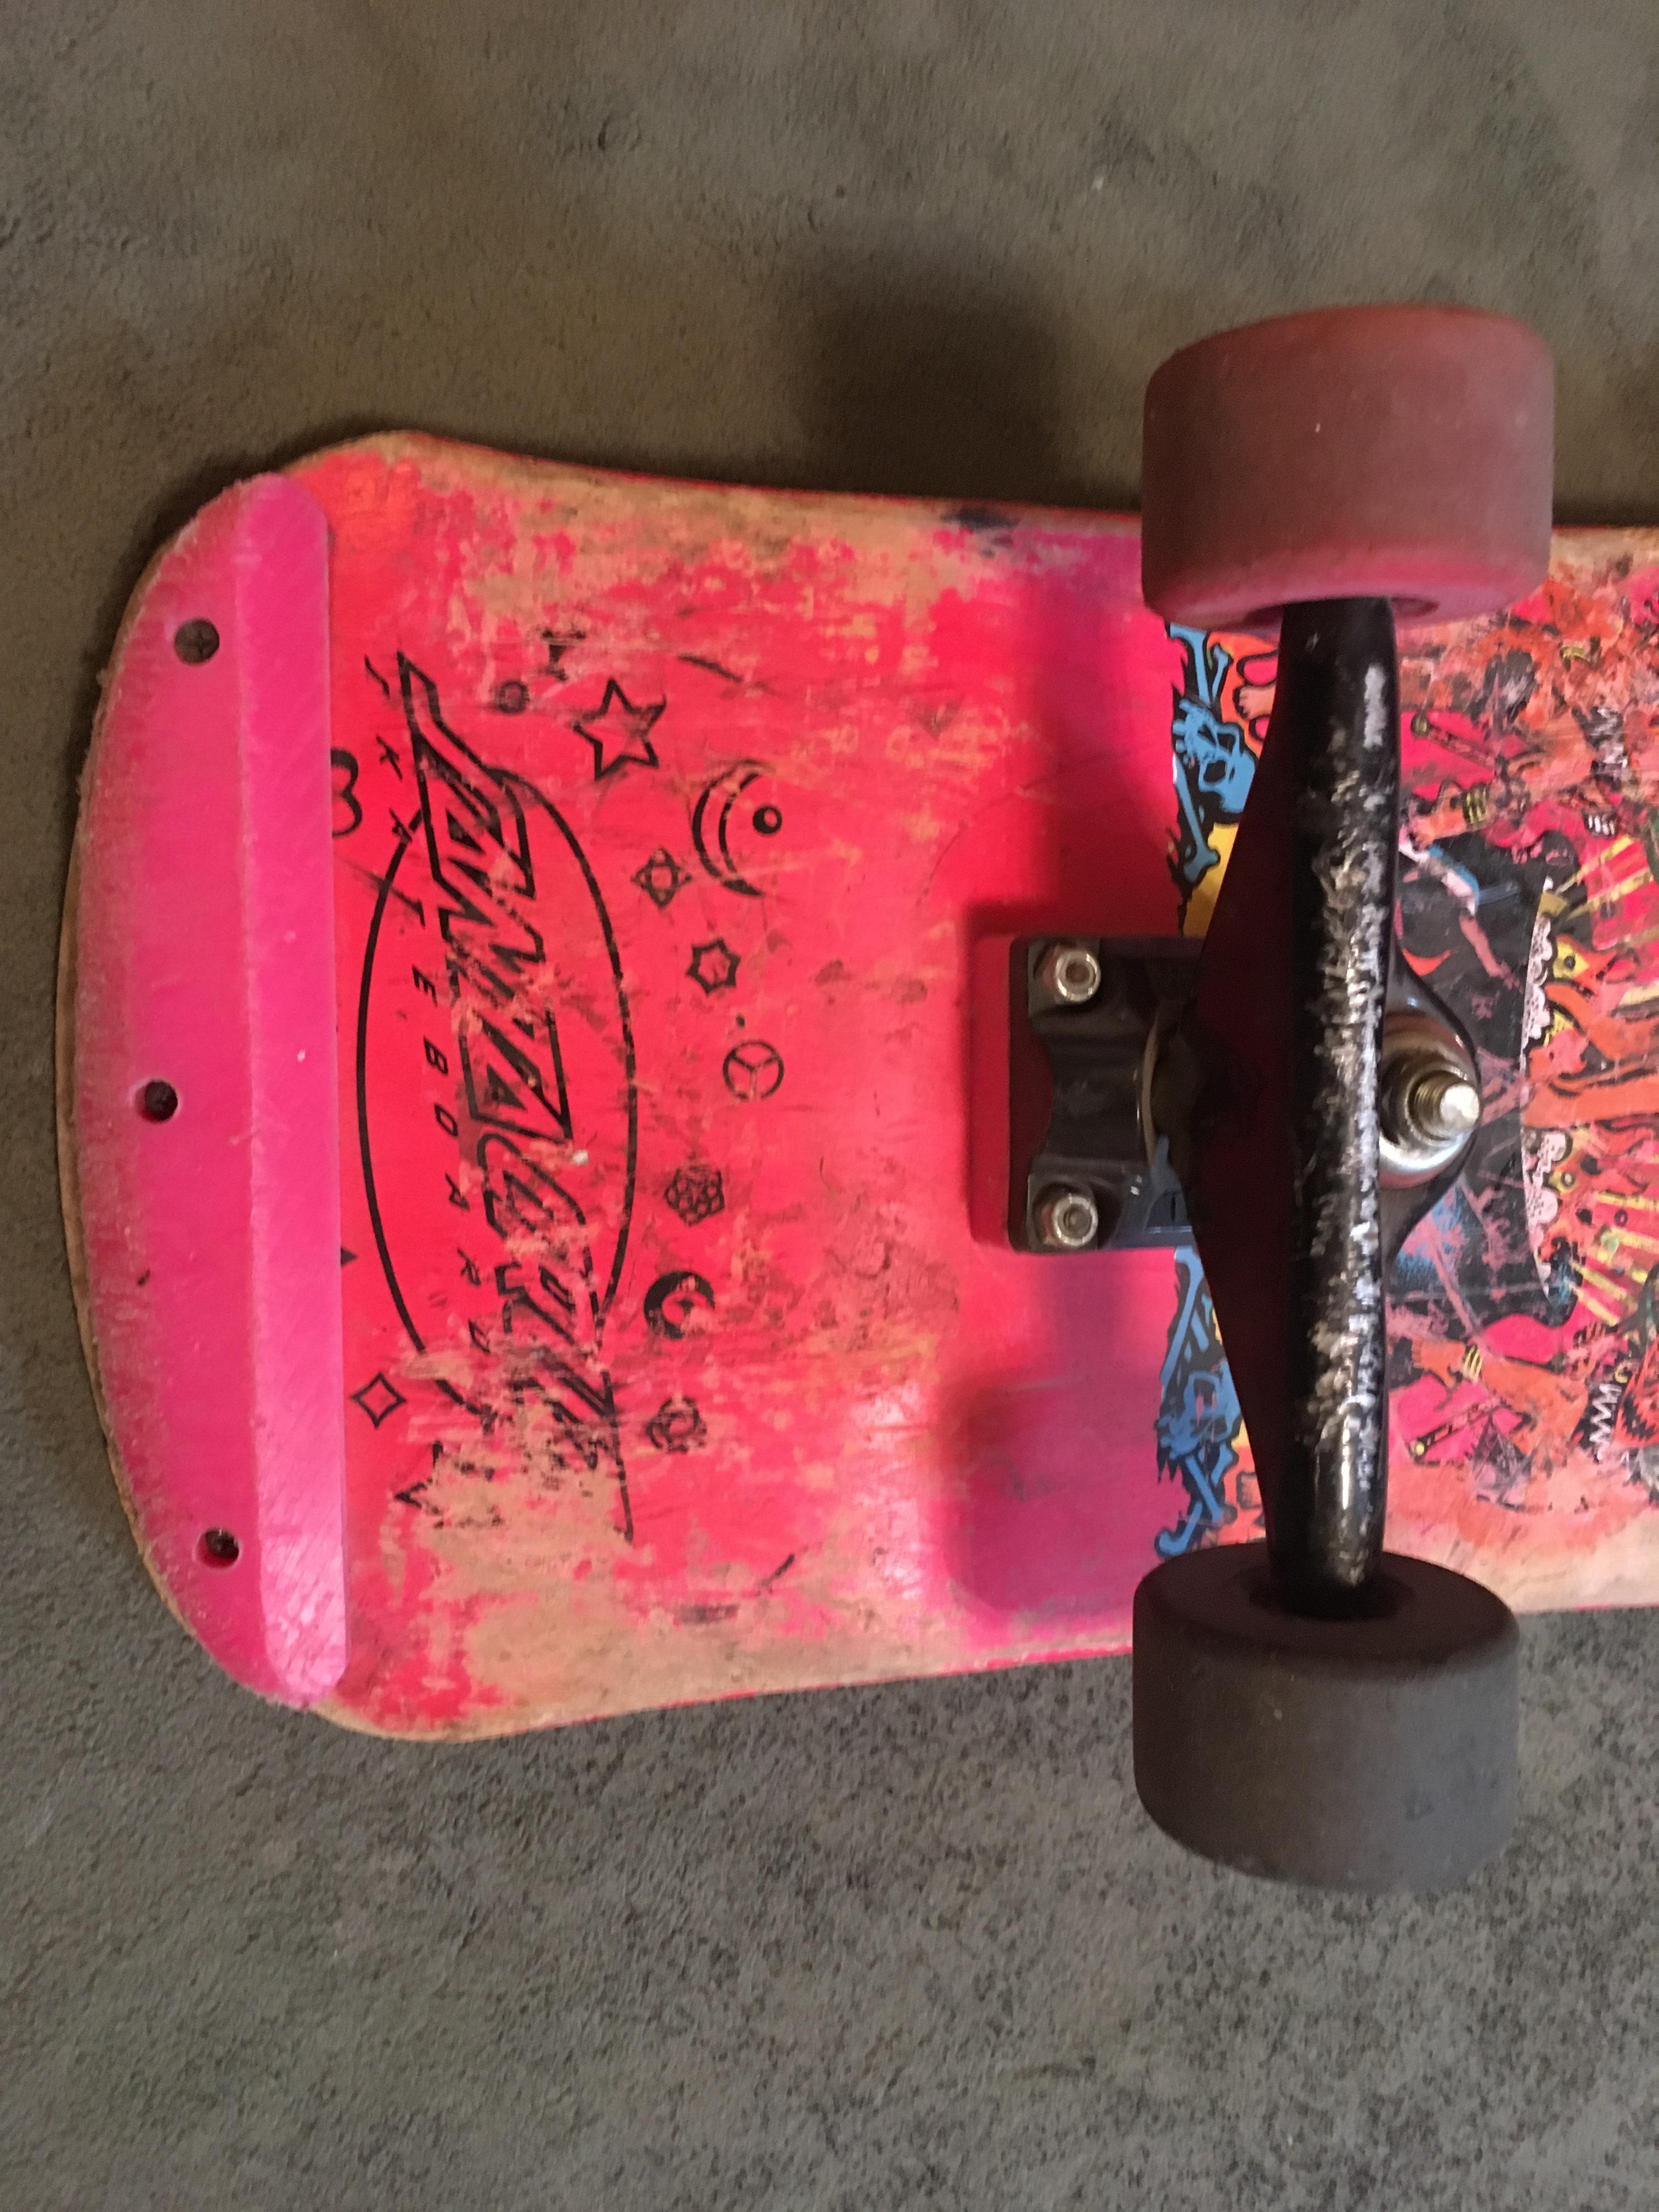 d0598037e3bb56 GAFwa  Altes Skateboard - gibt s dafür noch was  - Blabla - GSF ...